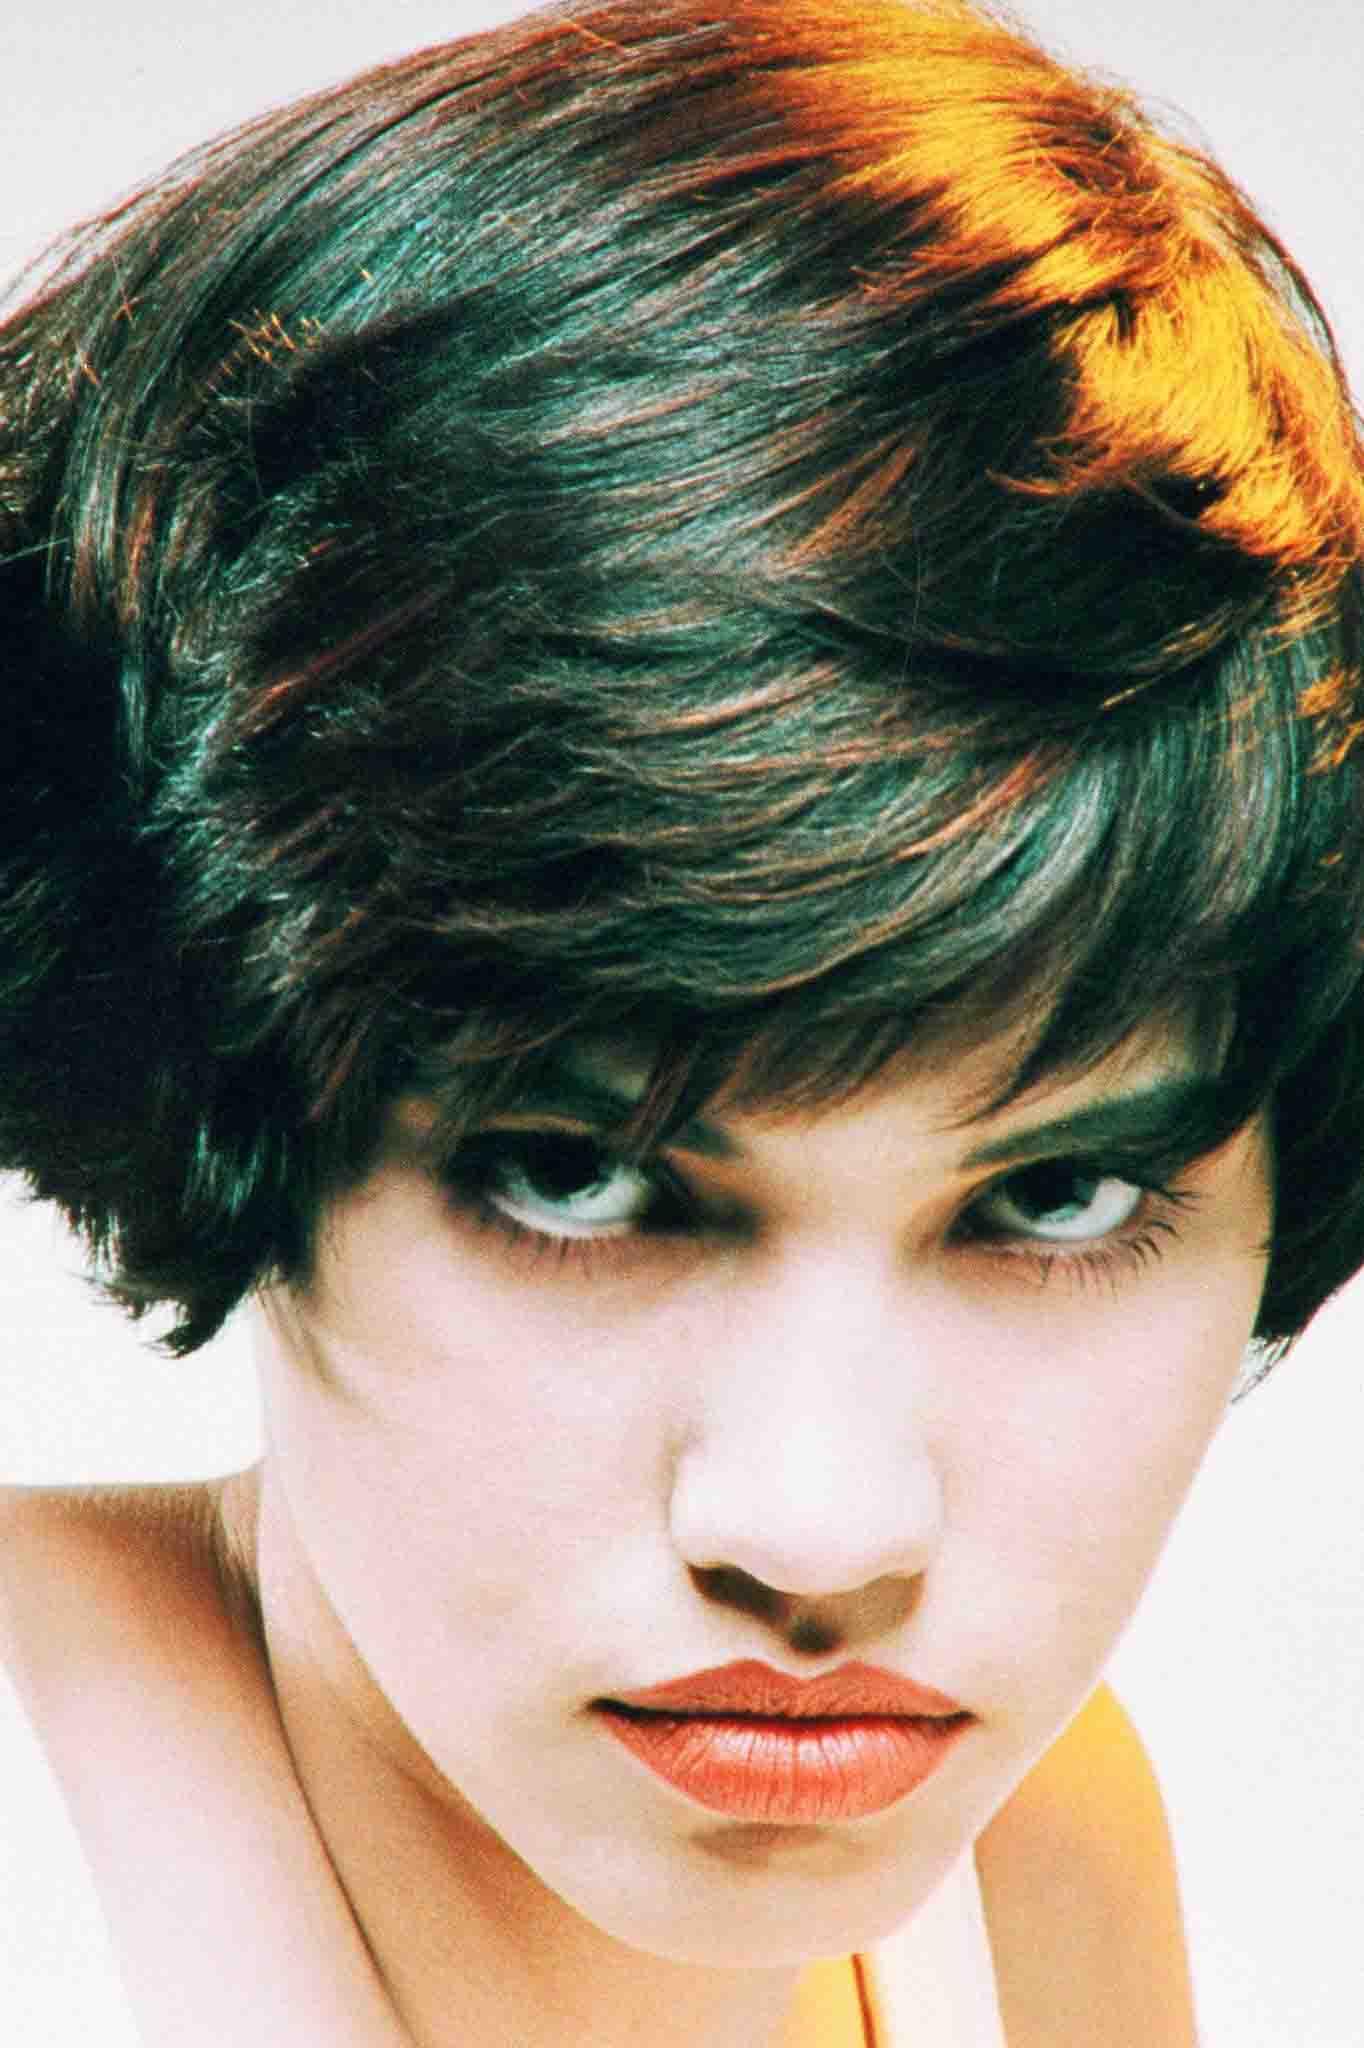 Wocester Park hair, Esher model.